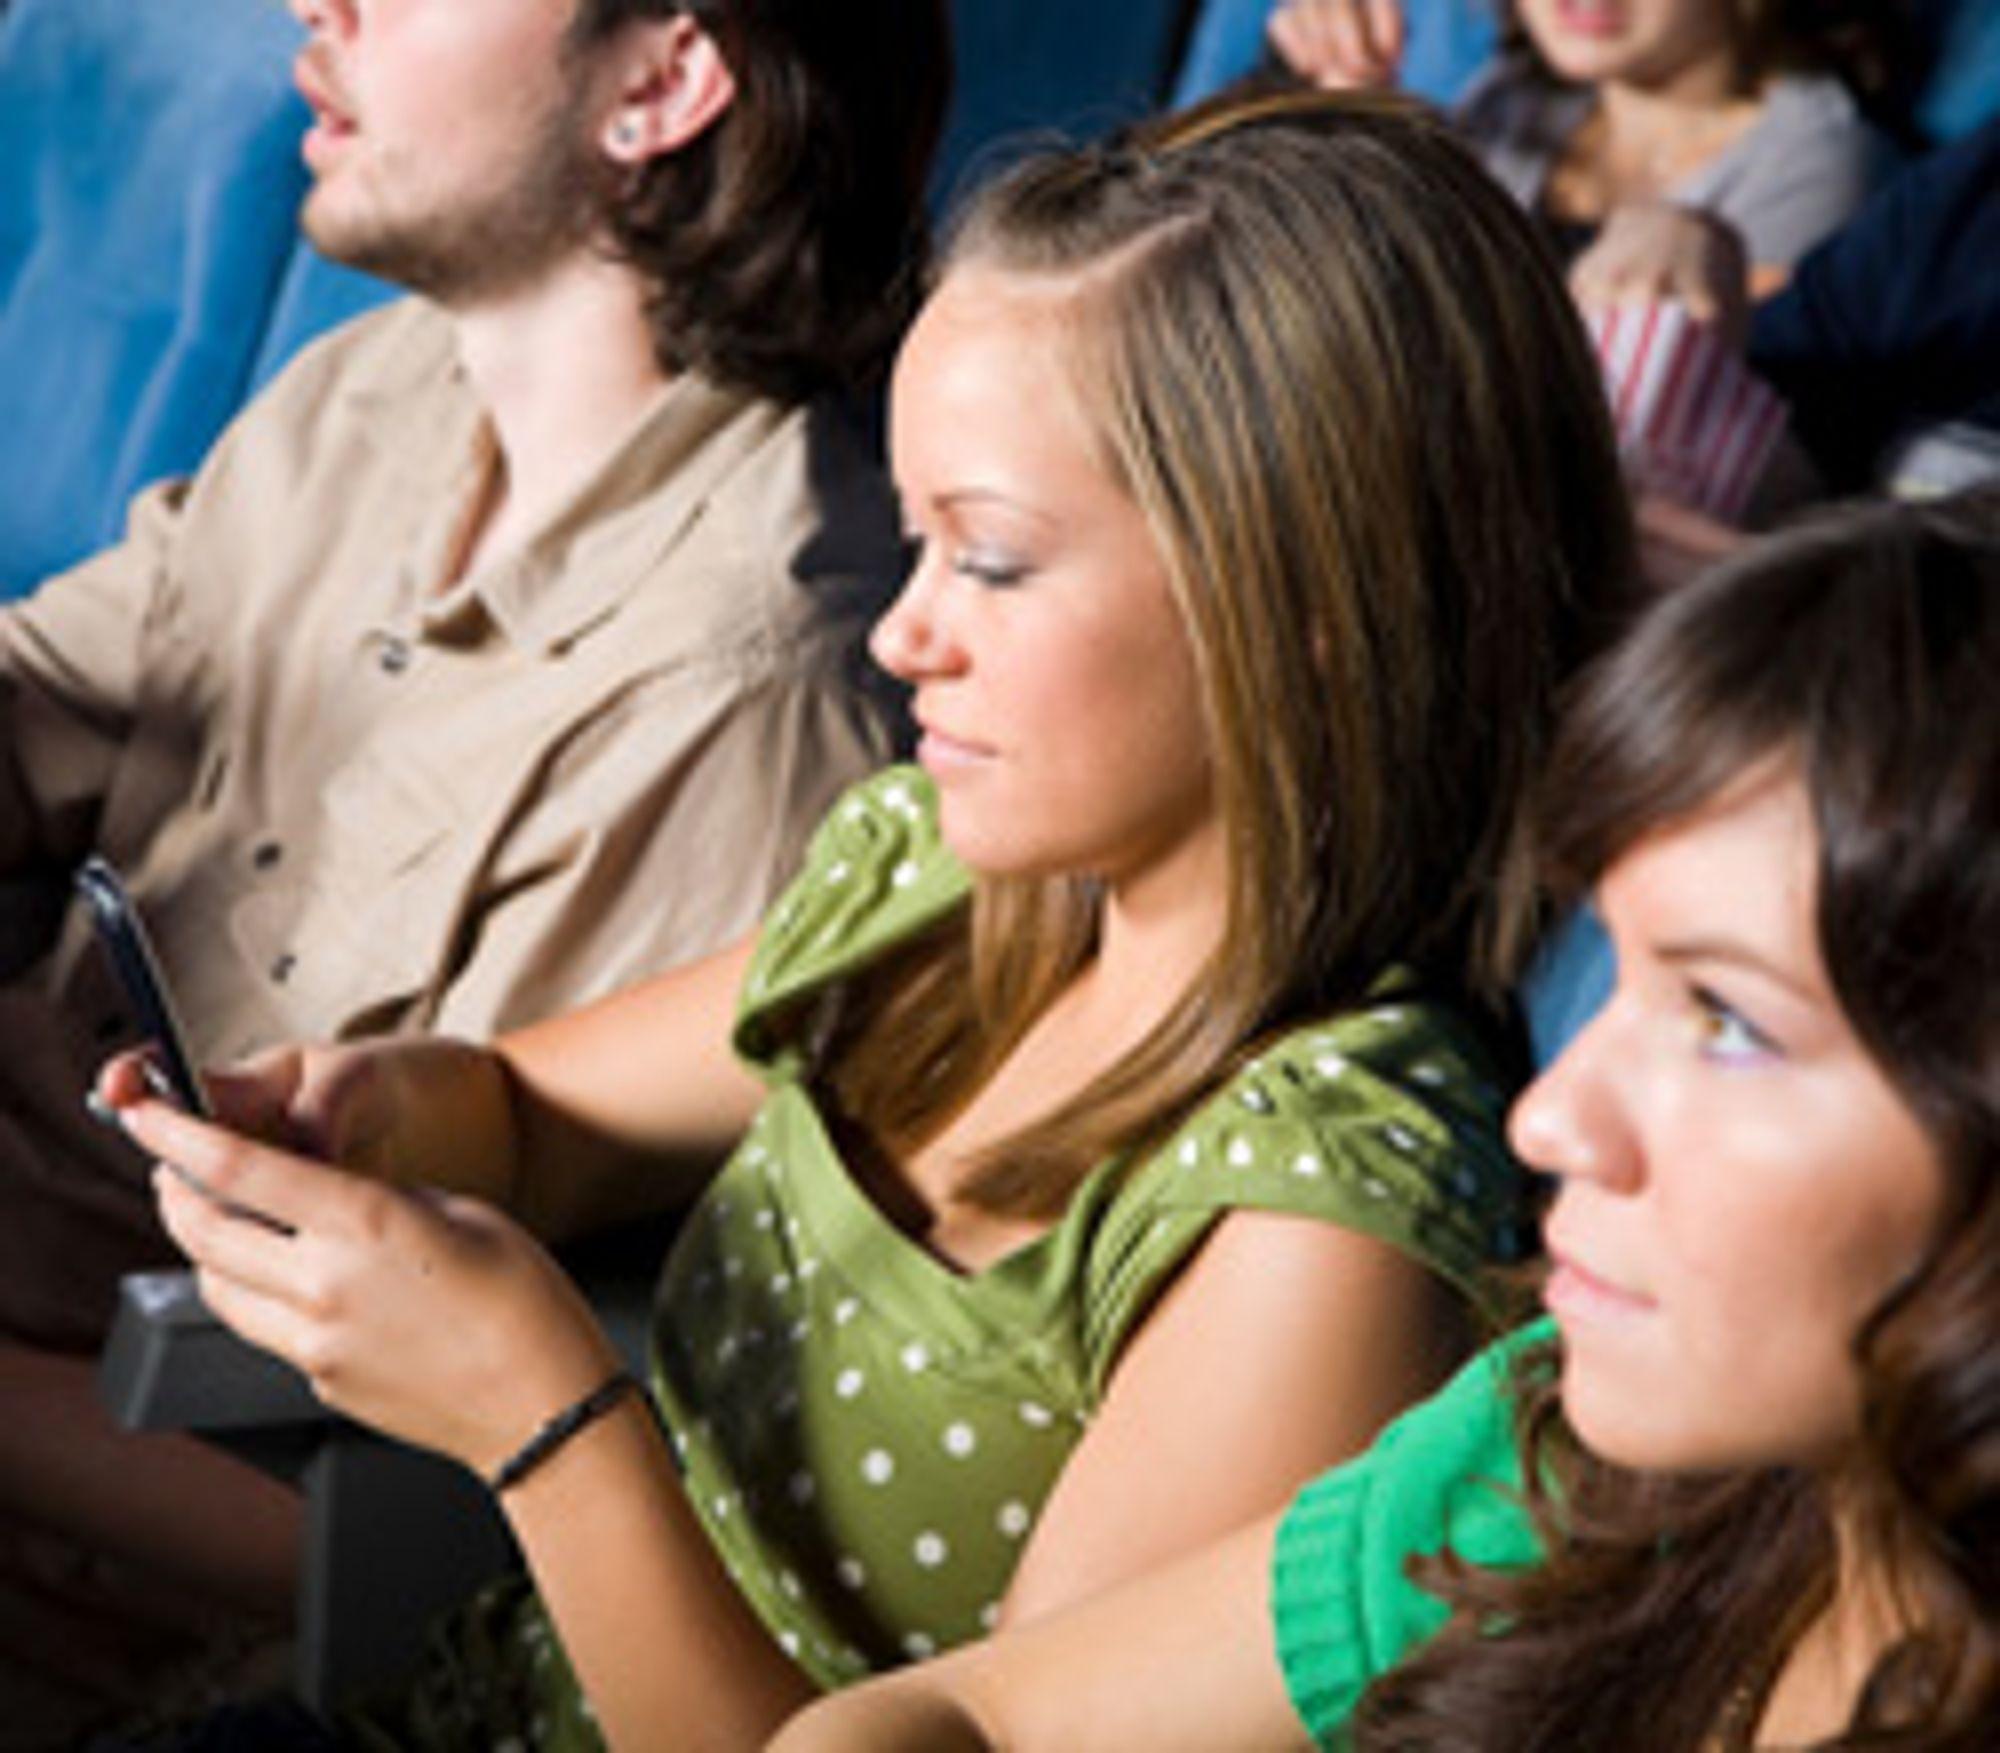 Amerikanere bruker nesten ikke tekstmeldinger, mens norske ungdommer sender nesten 12 om dagen. (Foto: Istockphoto / Rich Legg)